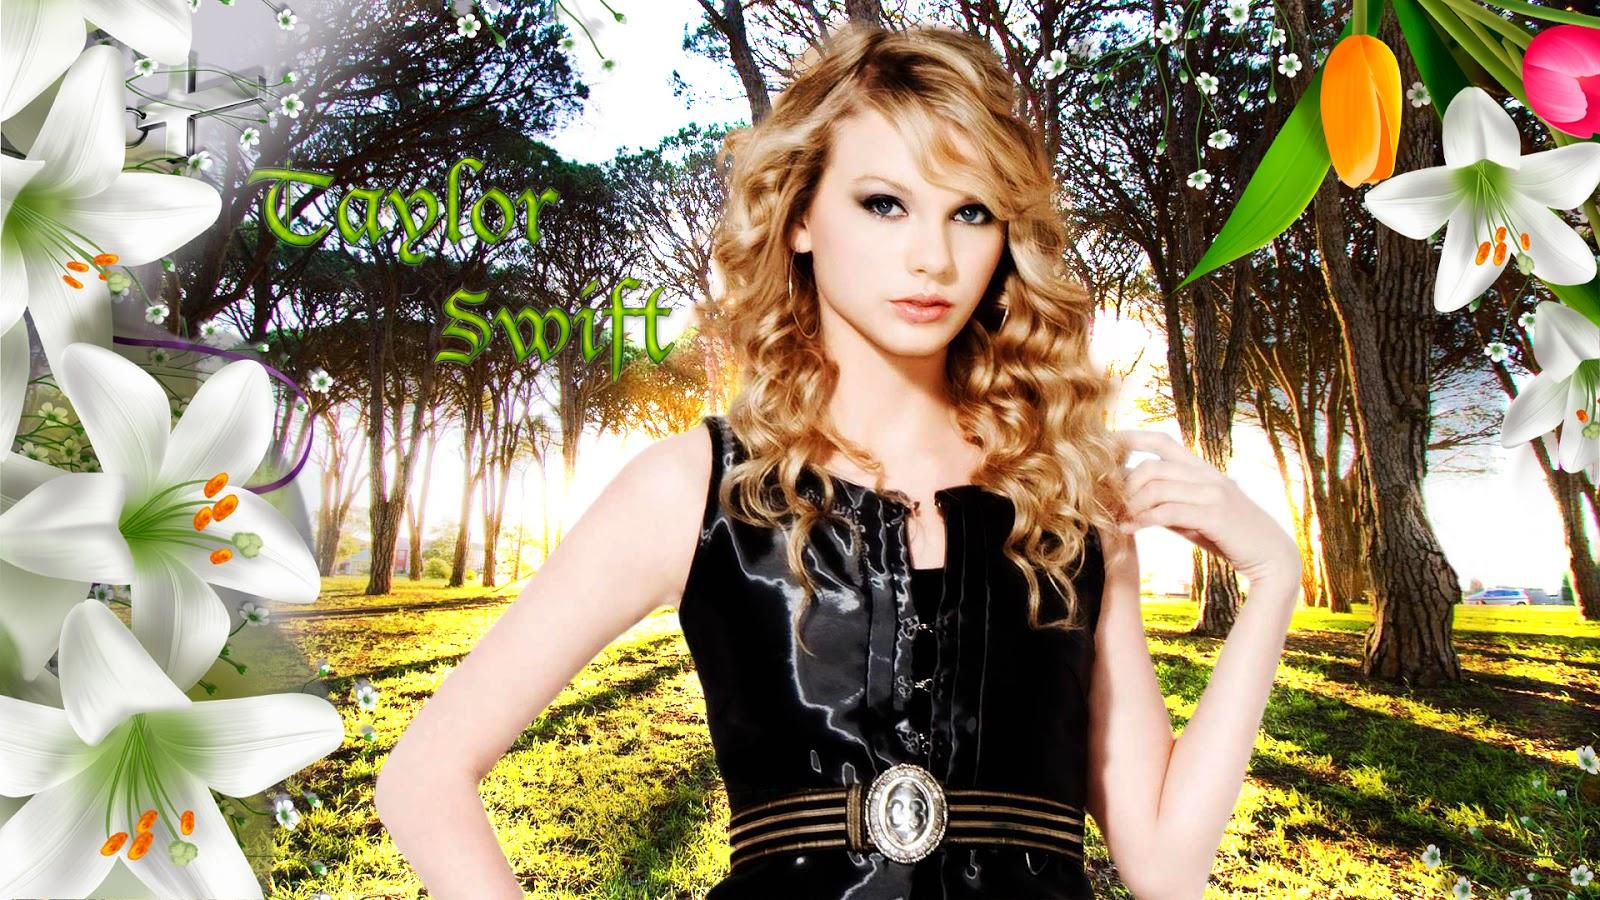 Beautiful Taylor Swift HD 1920x1080 Wallpaper